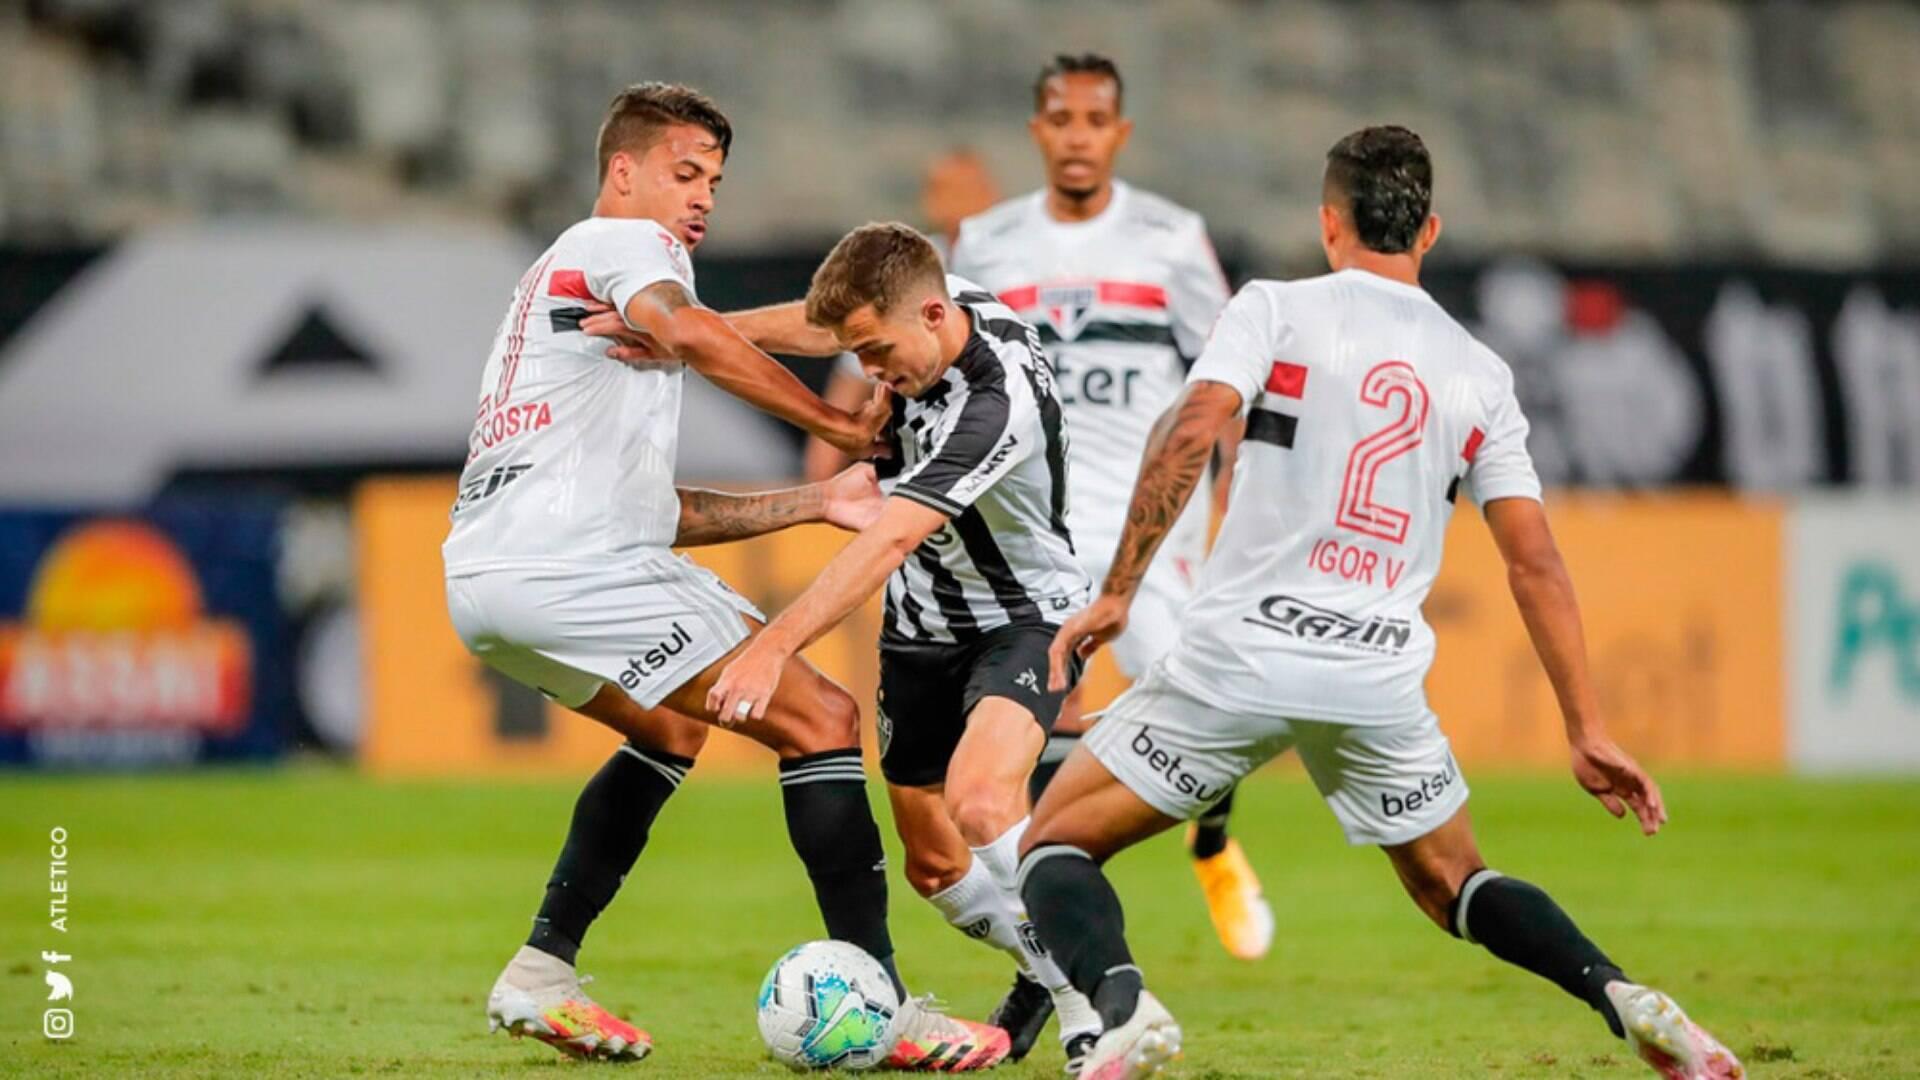 Sao Paulo E Fluminense Fazem Classico Dos Tricolores No Morumbi Onde Assistir Paulista Ig